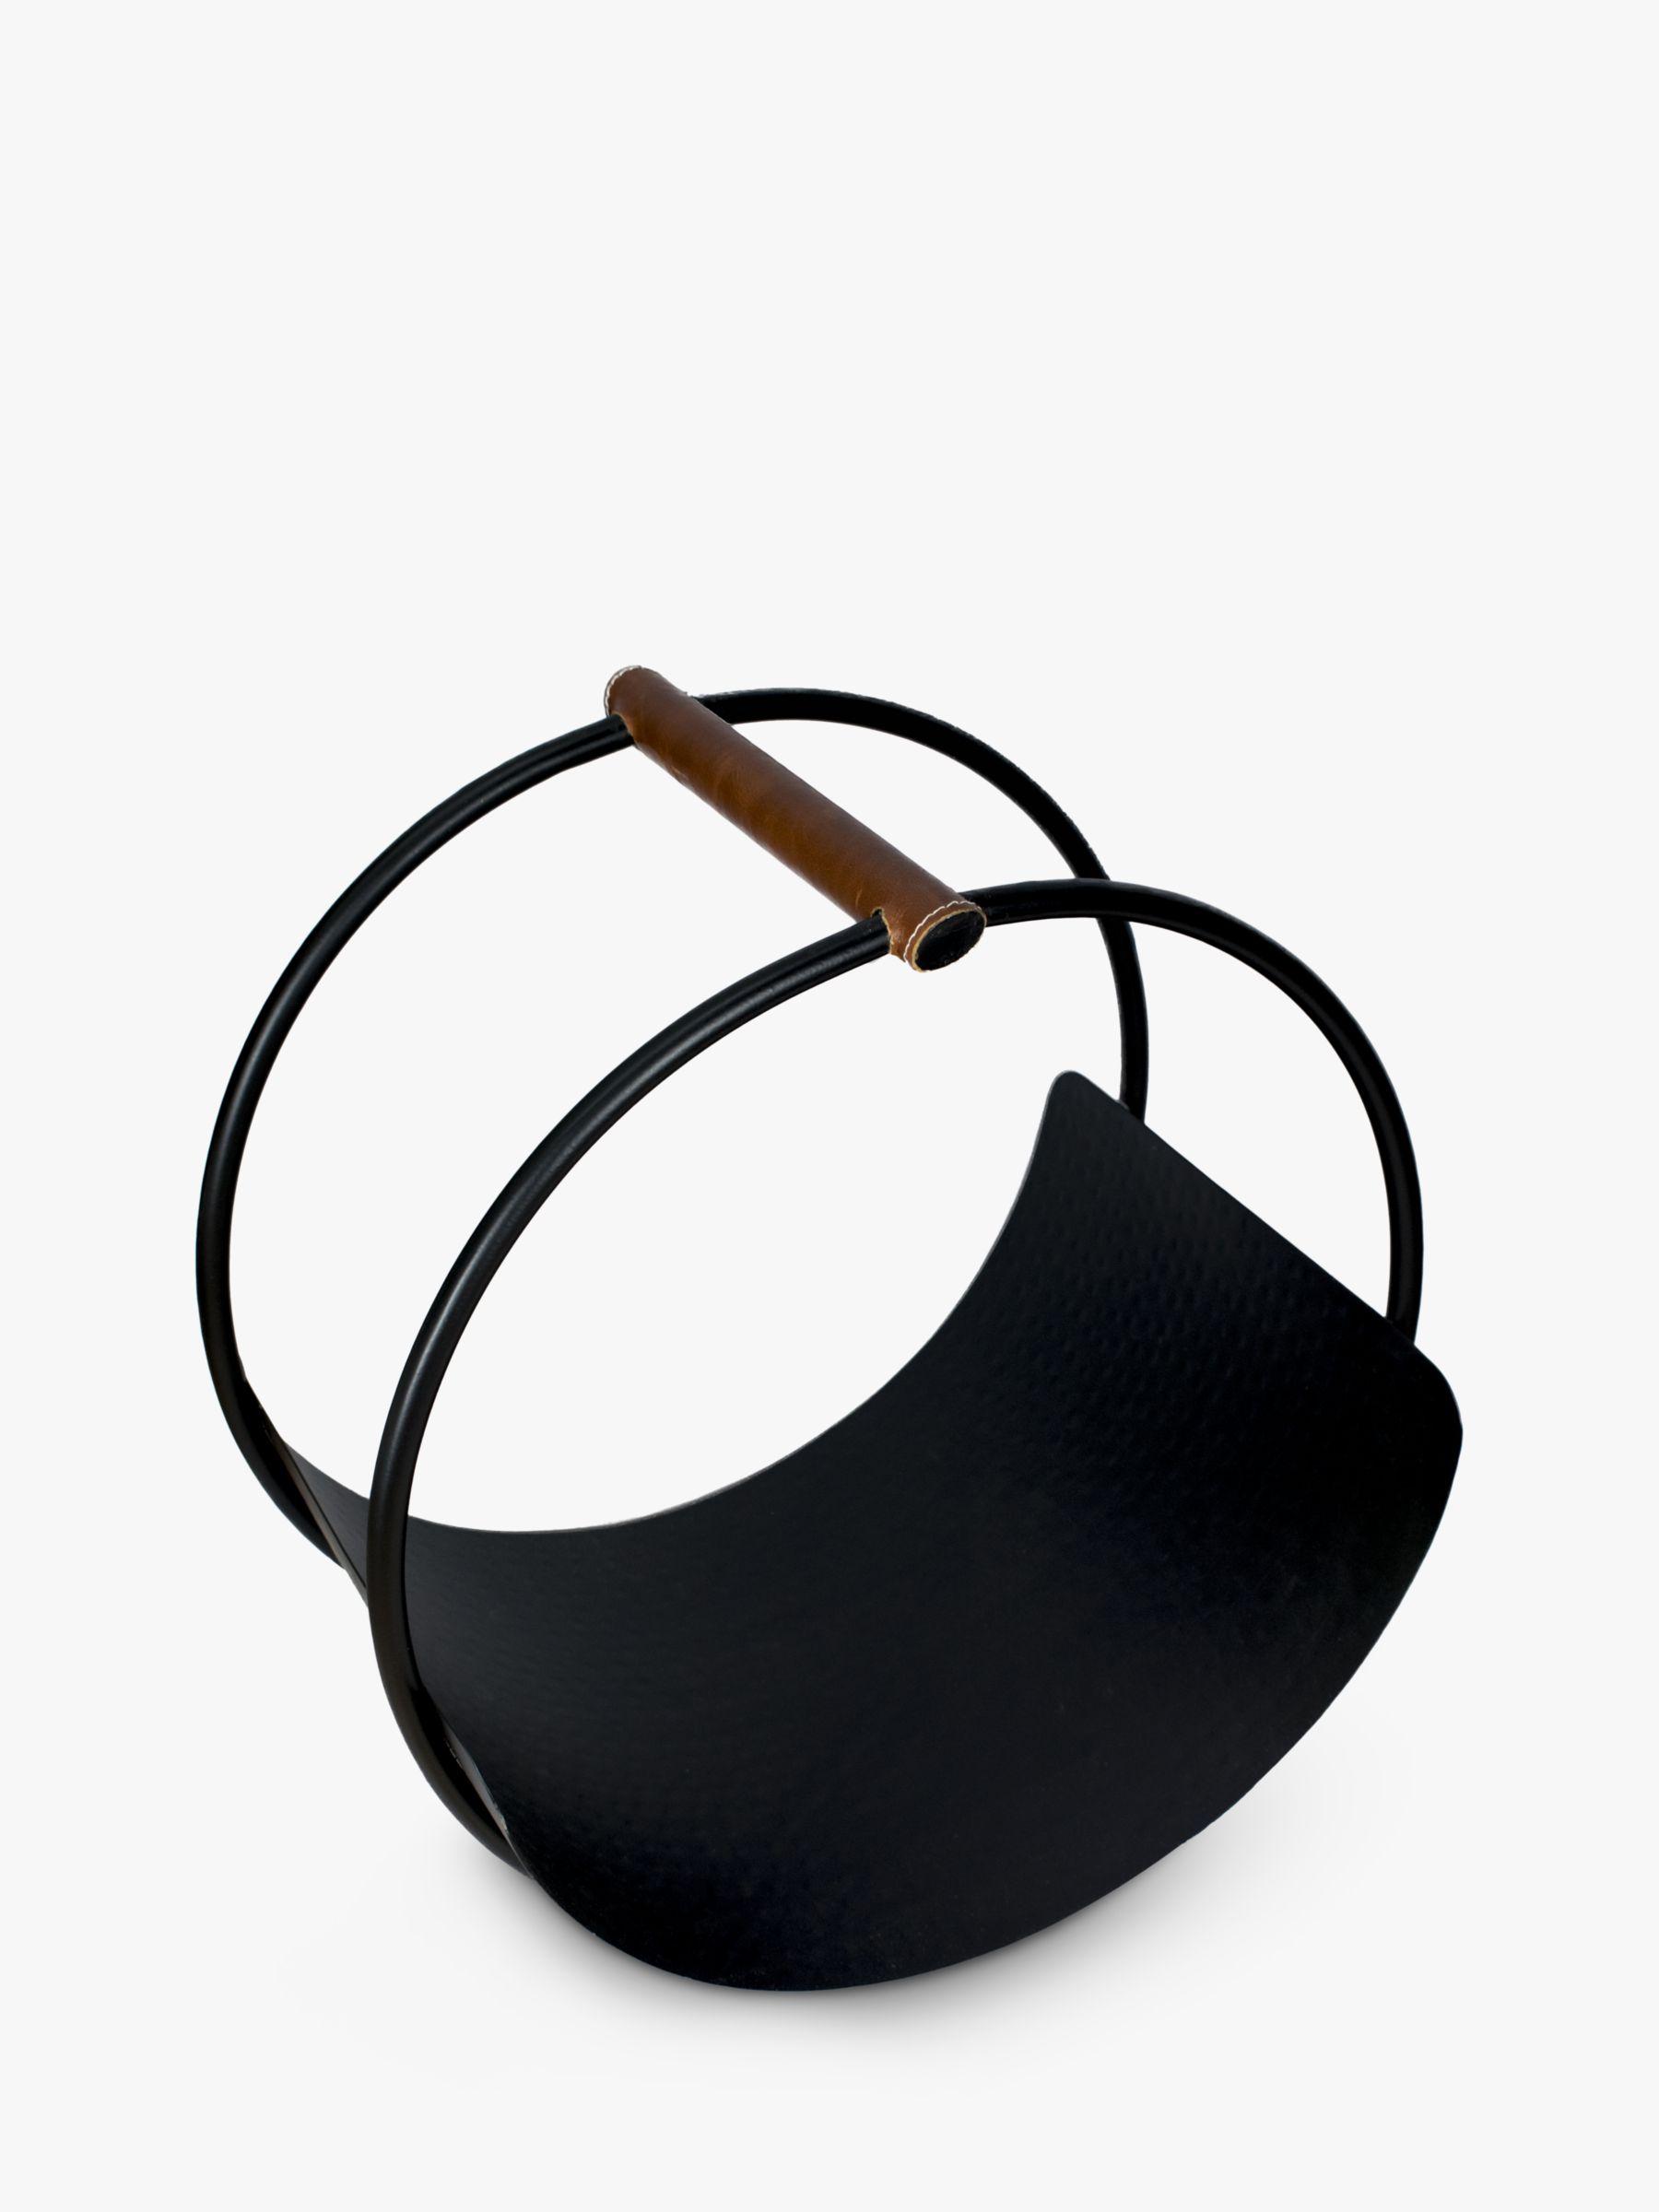 Ivyline Ivyline Iron Circular Log Holder